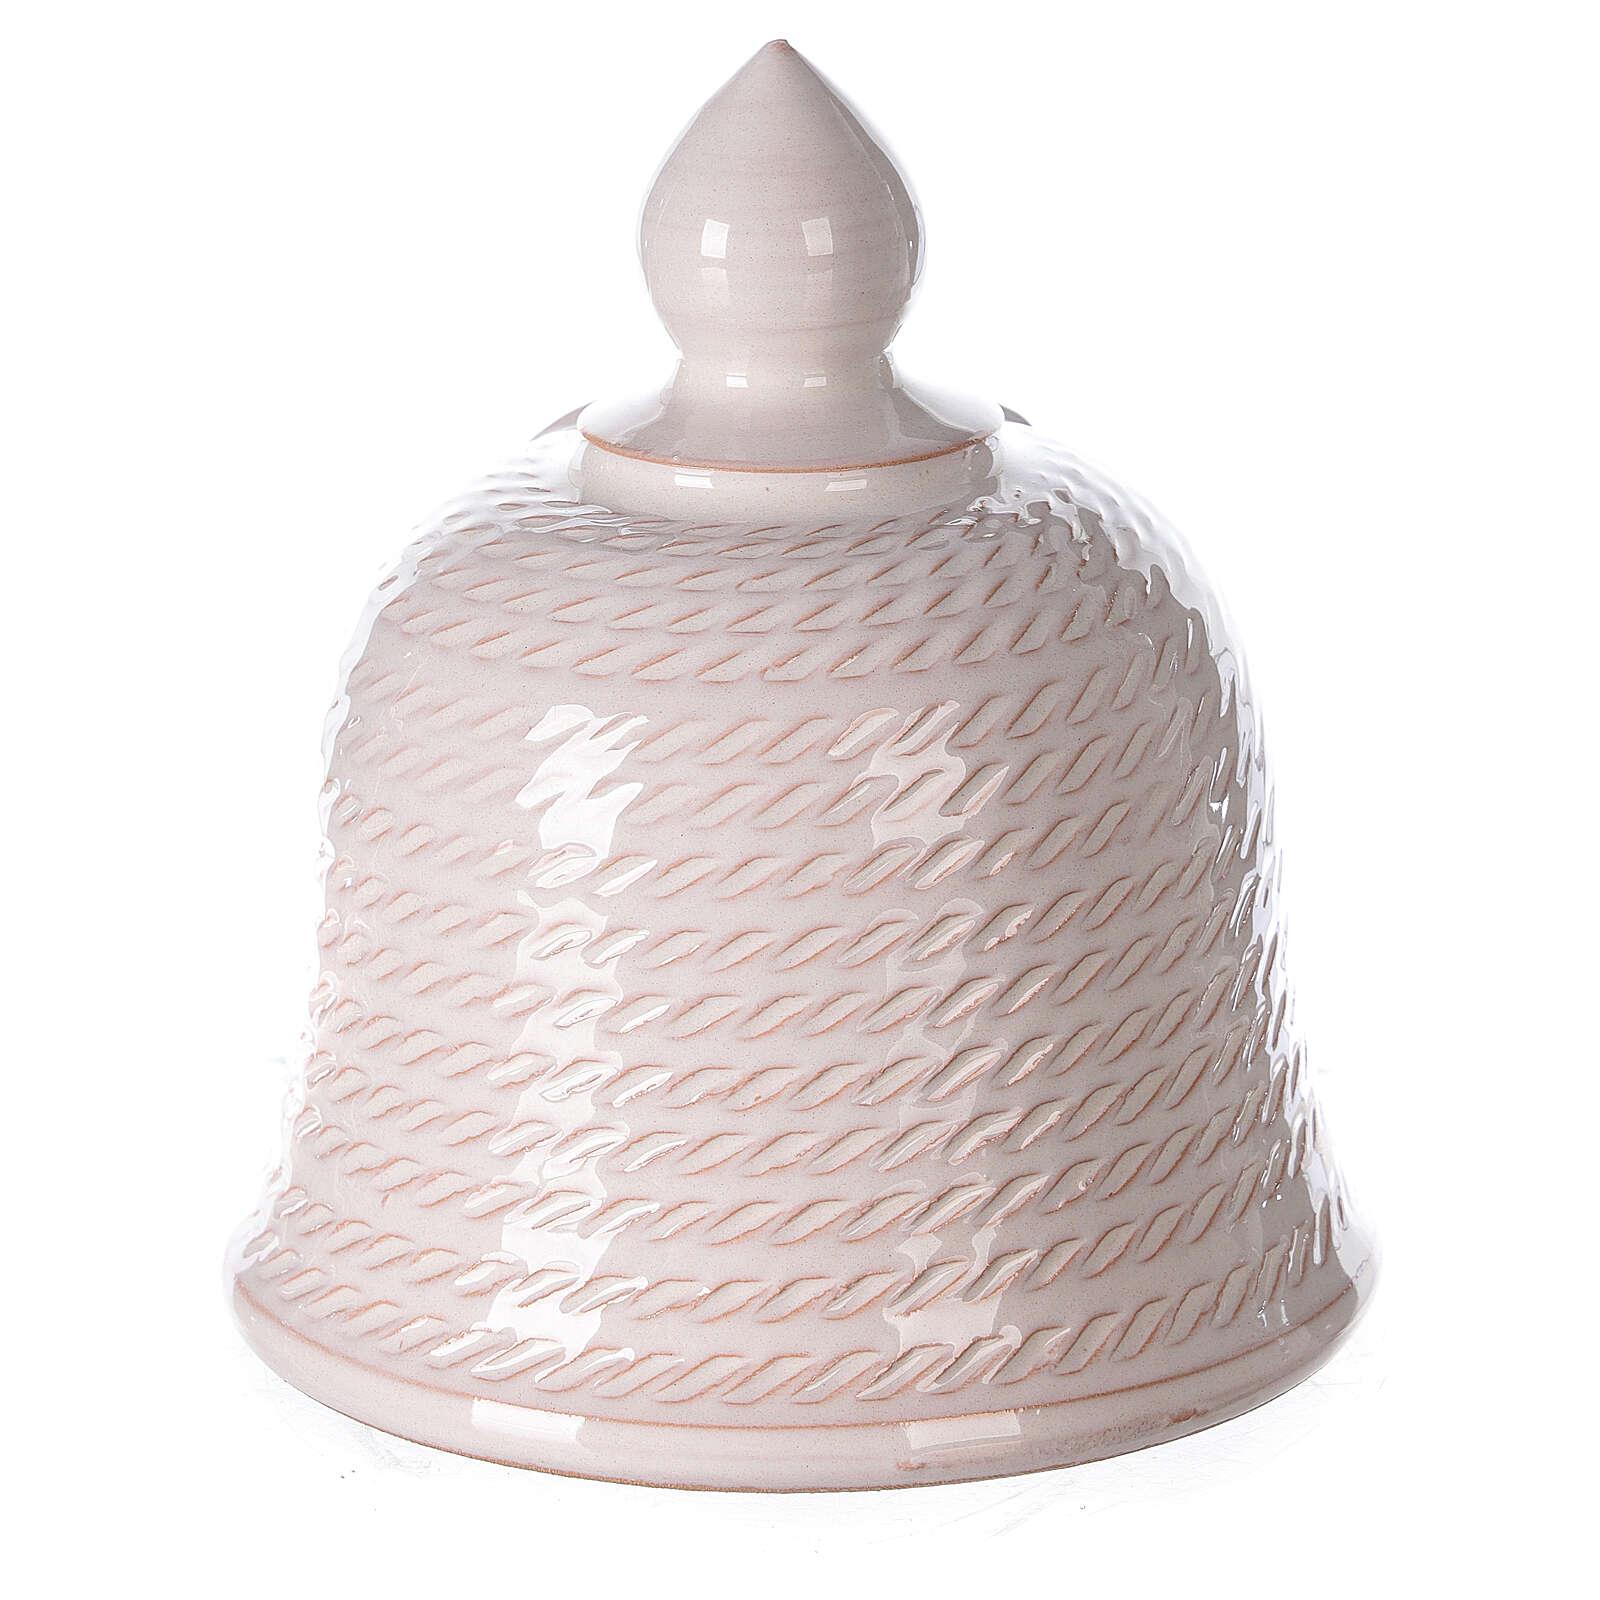 Natività campana stella terracotta bianca Deruta 12 cm 4